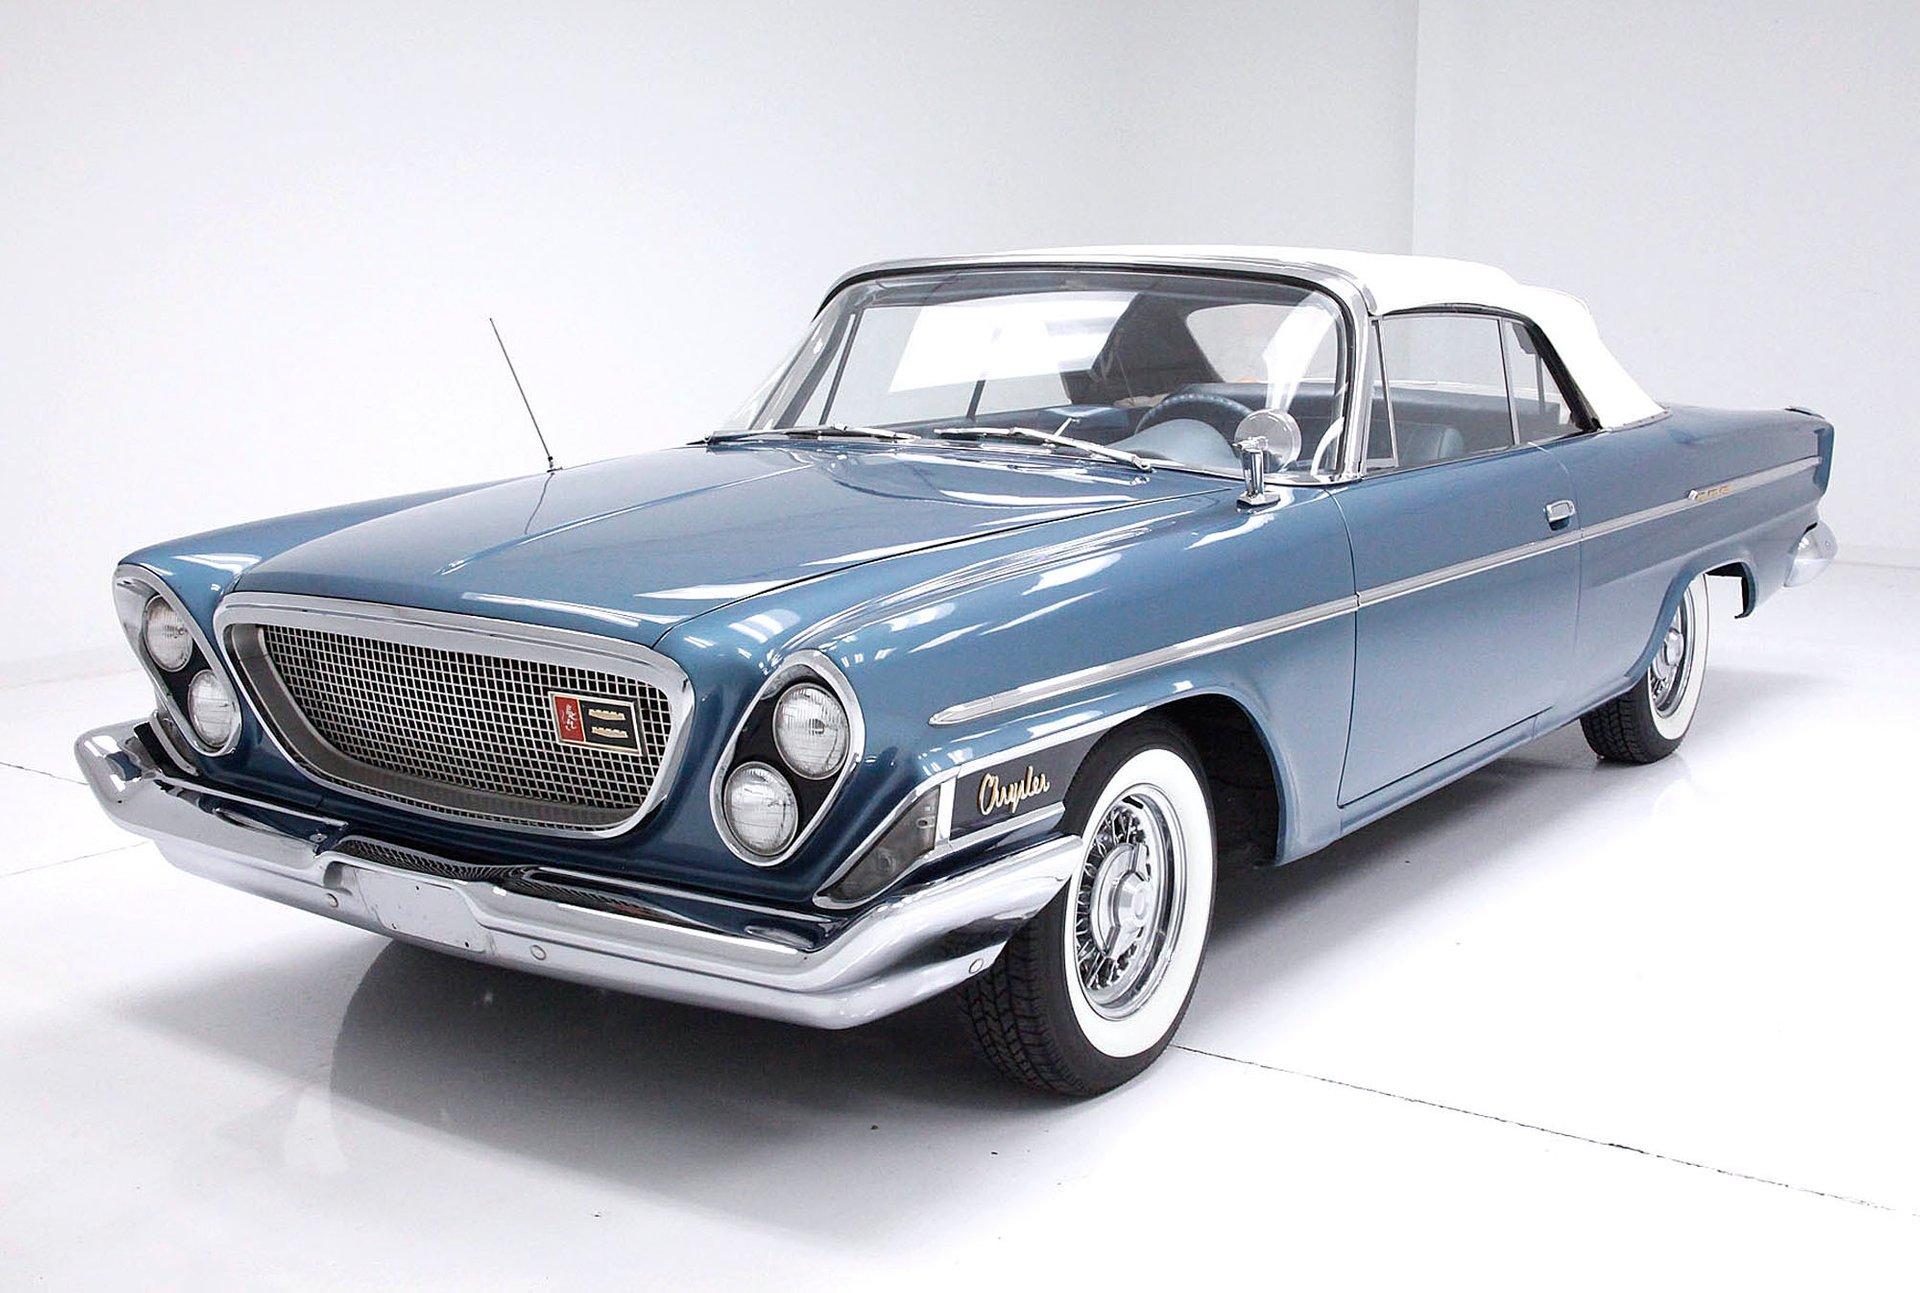 1962 Chrysler Newport